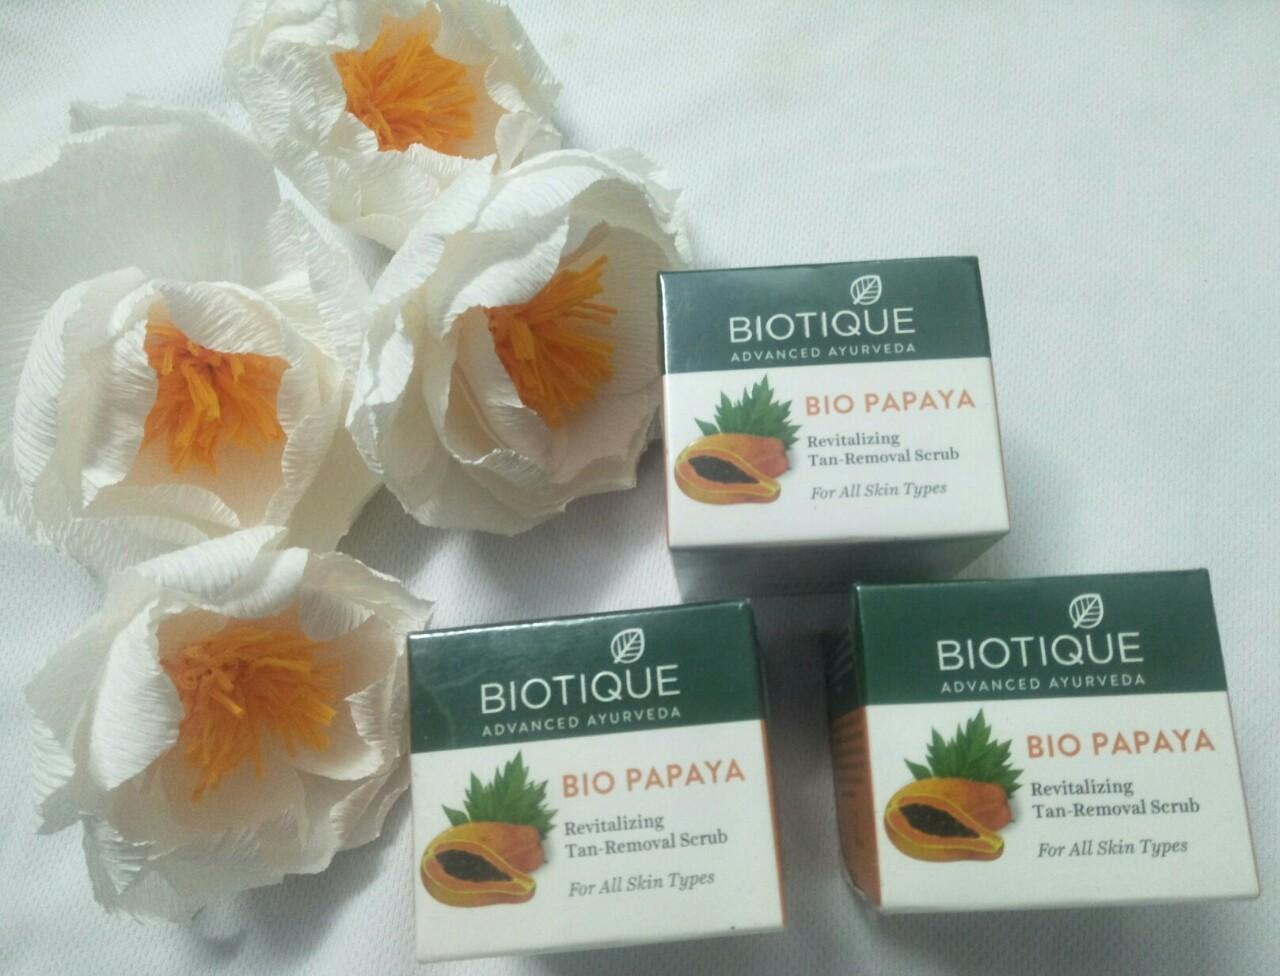 Tẩy Da Chết Chiết Xuất Từ Đu Đủ Trị Nám Biotique Papaya Revitalizing Tan Removal tốt nhất